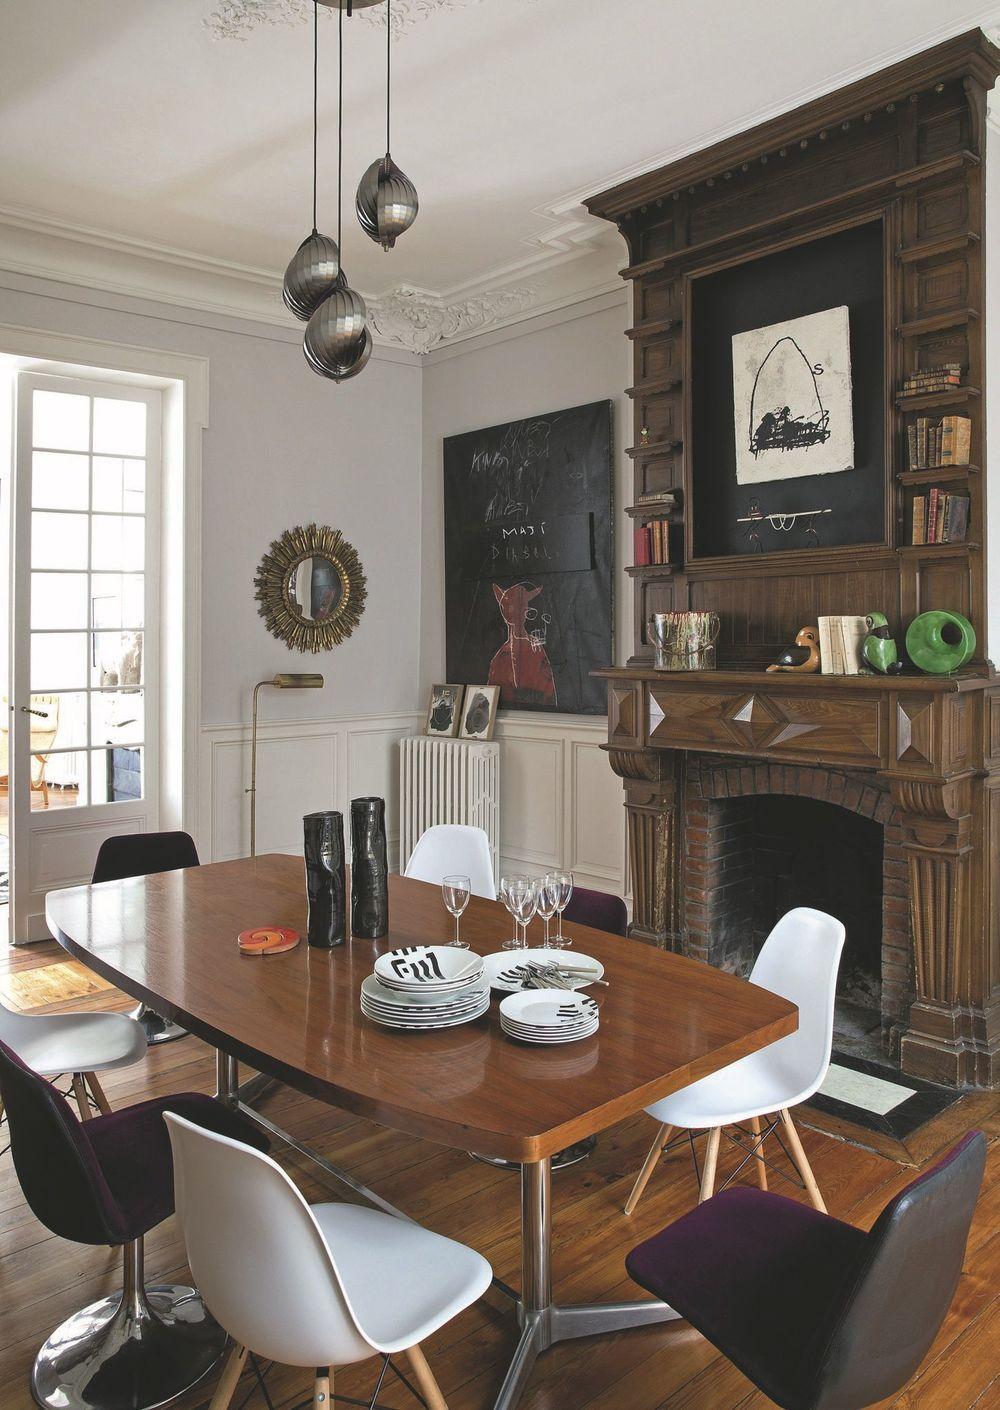 Appartement Bordeaux Meubles Design Et Pieces De Collection A Vendre Meuble Design Appartement Bordeaux Mobilier De Salon